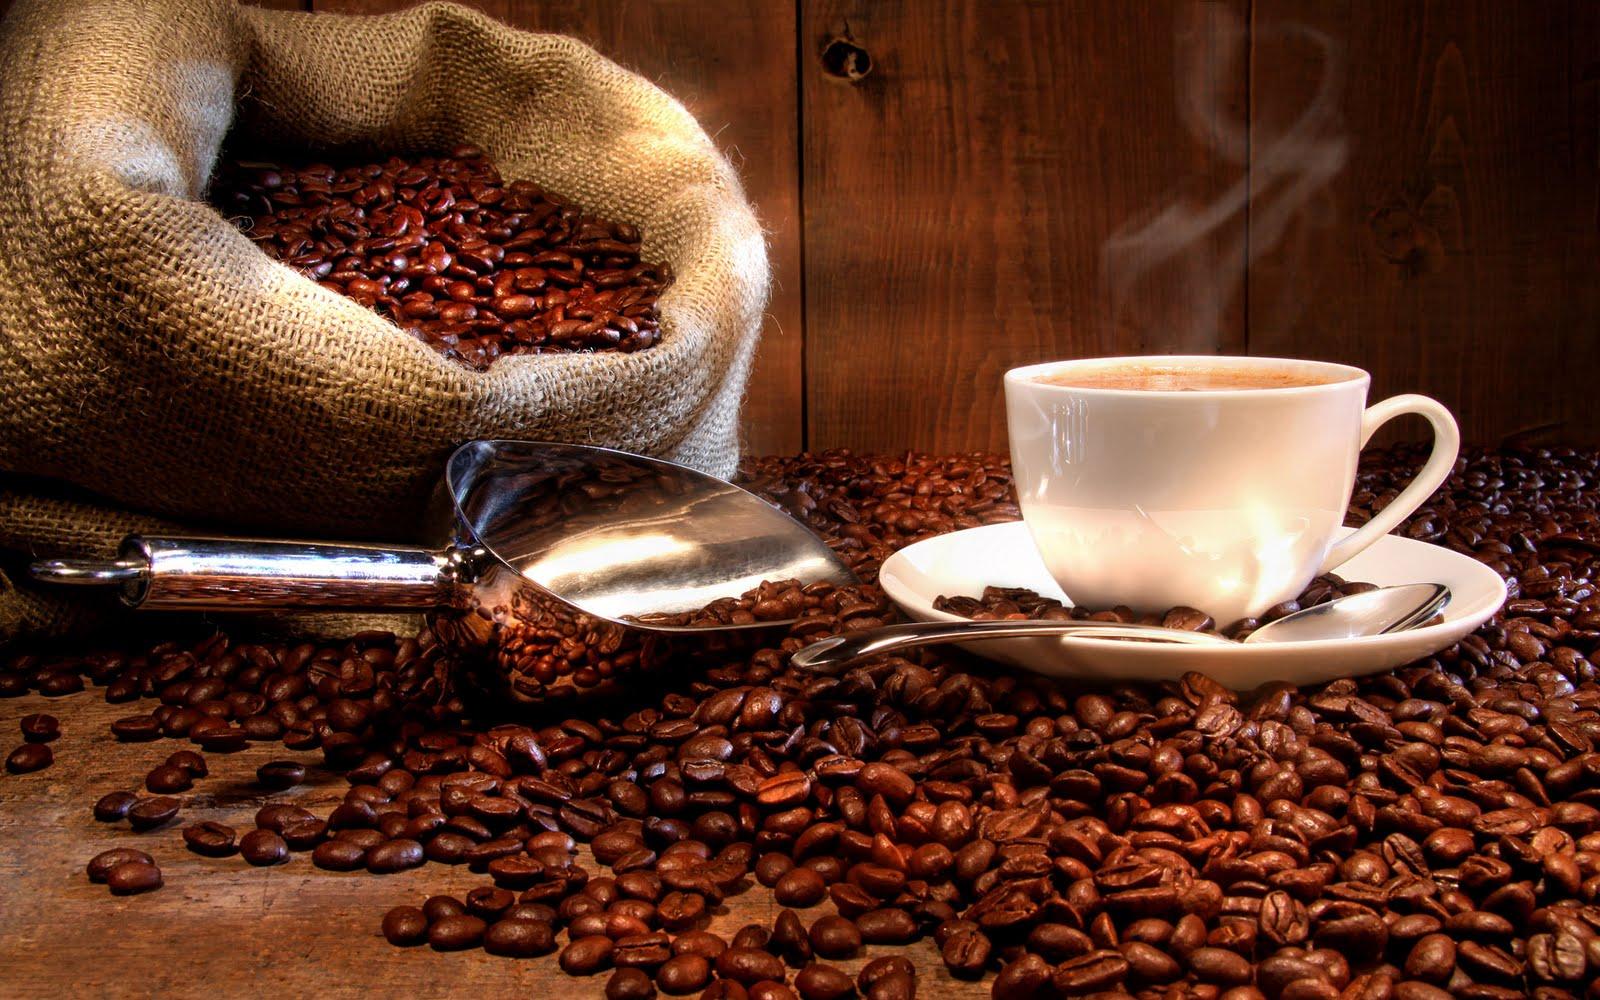 Una taza con café caliente, encima de granos tostados de este producto agrícola tan apetecido en el mundo. Manabí, Ecuador.